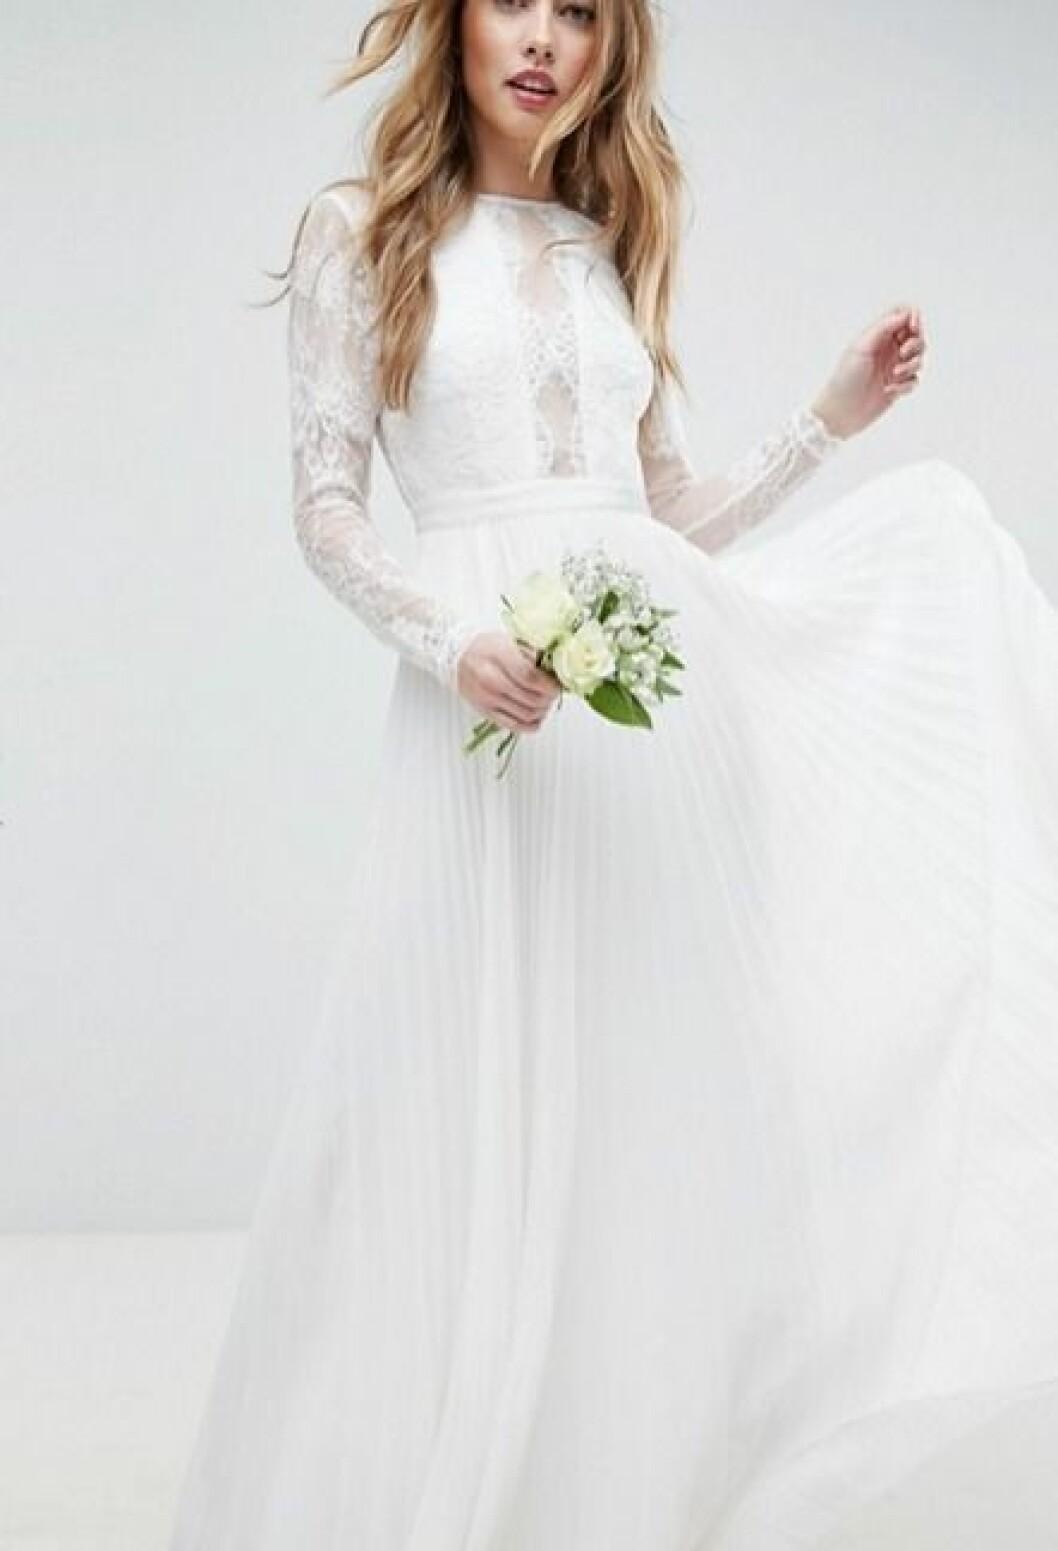 Billig bröllopsklänning i spets med plisserad kjol 2019